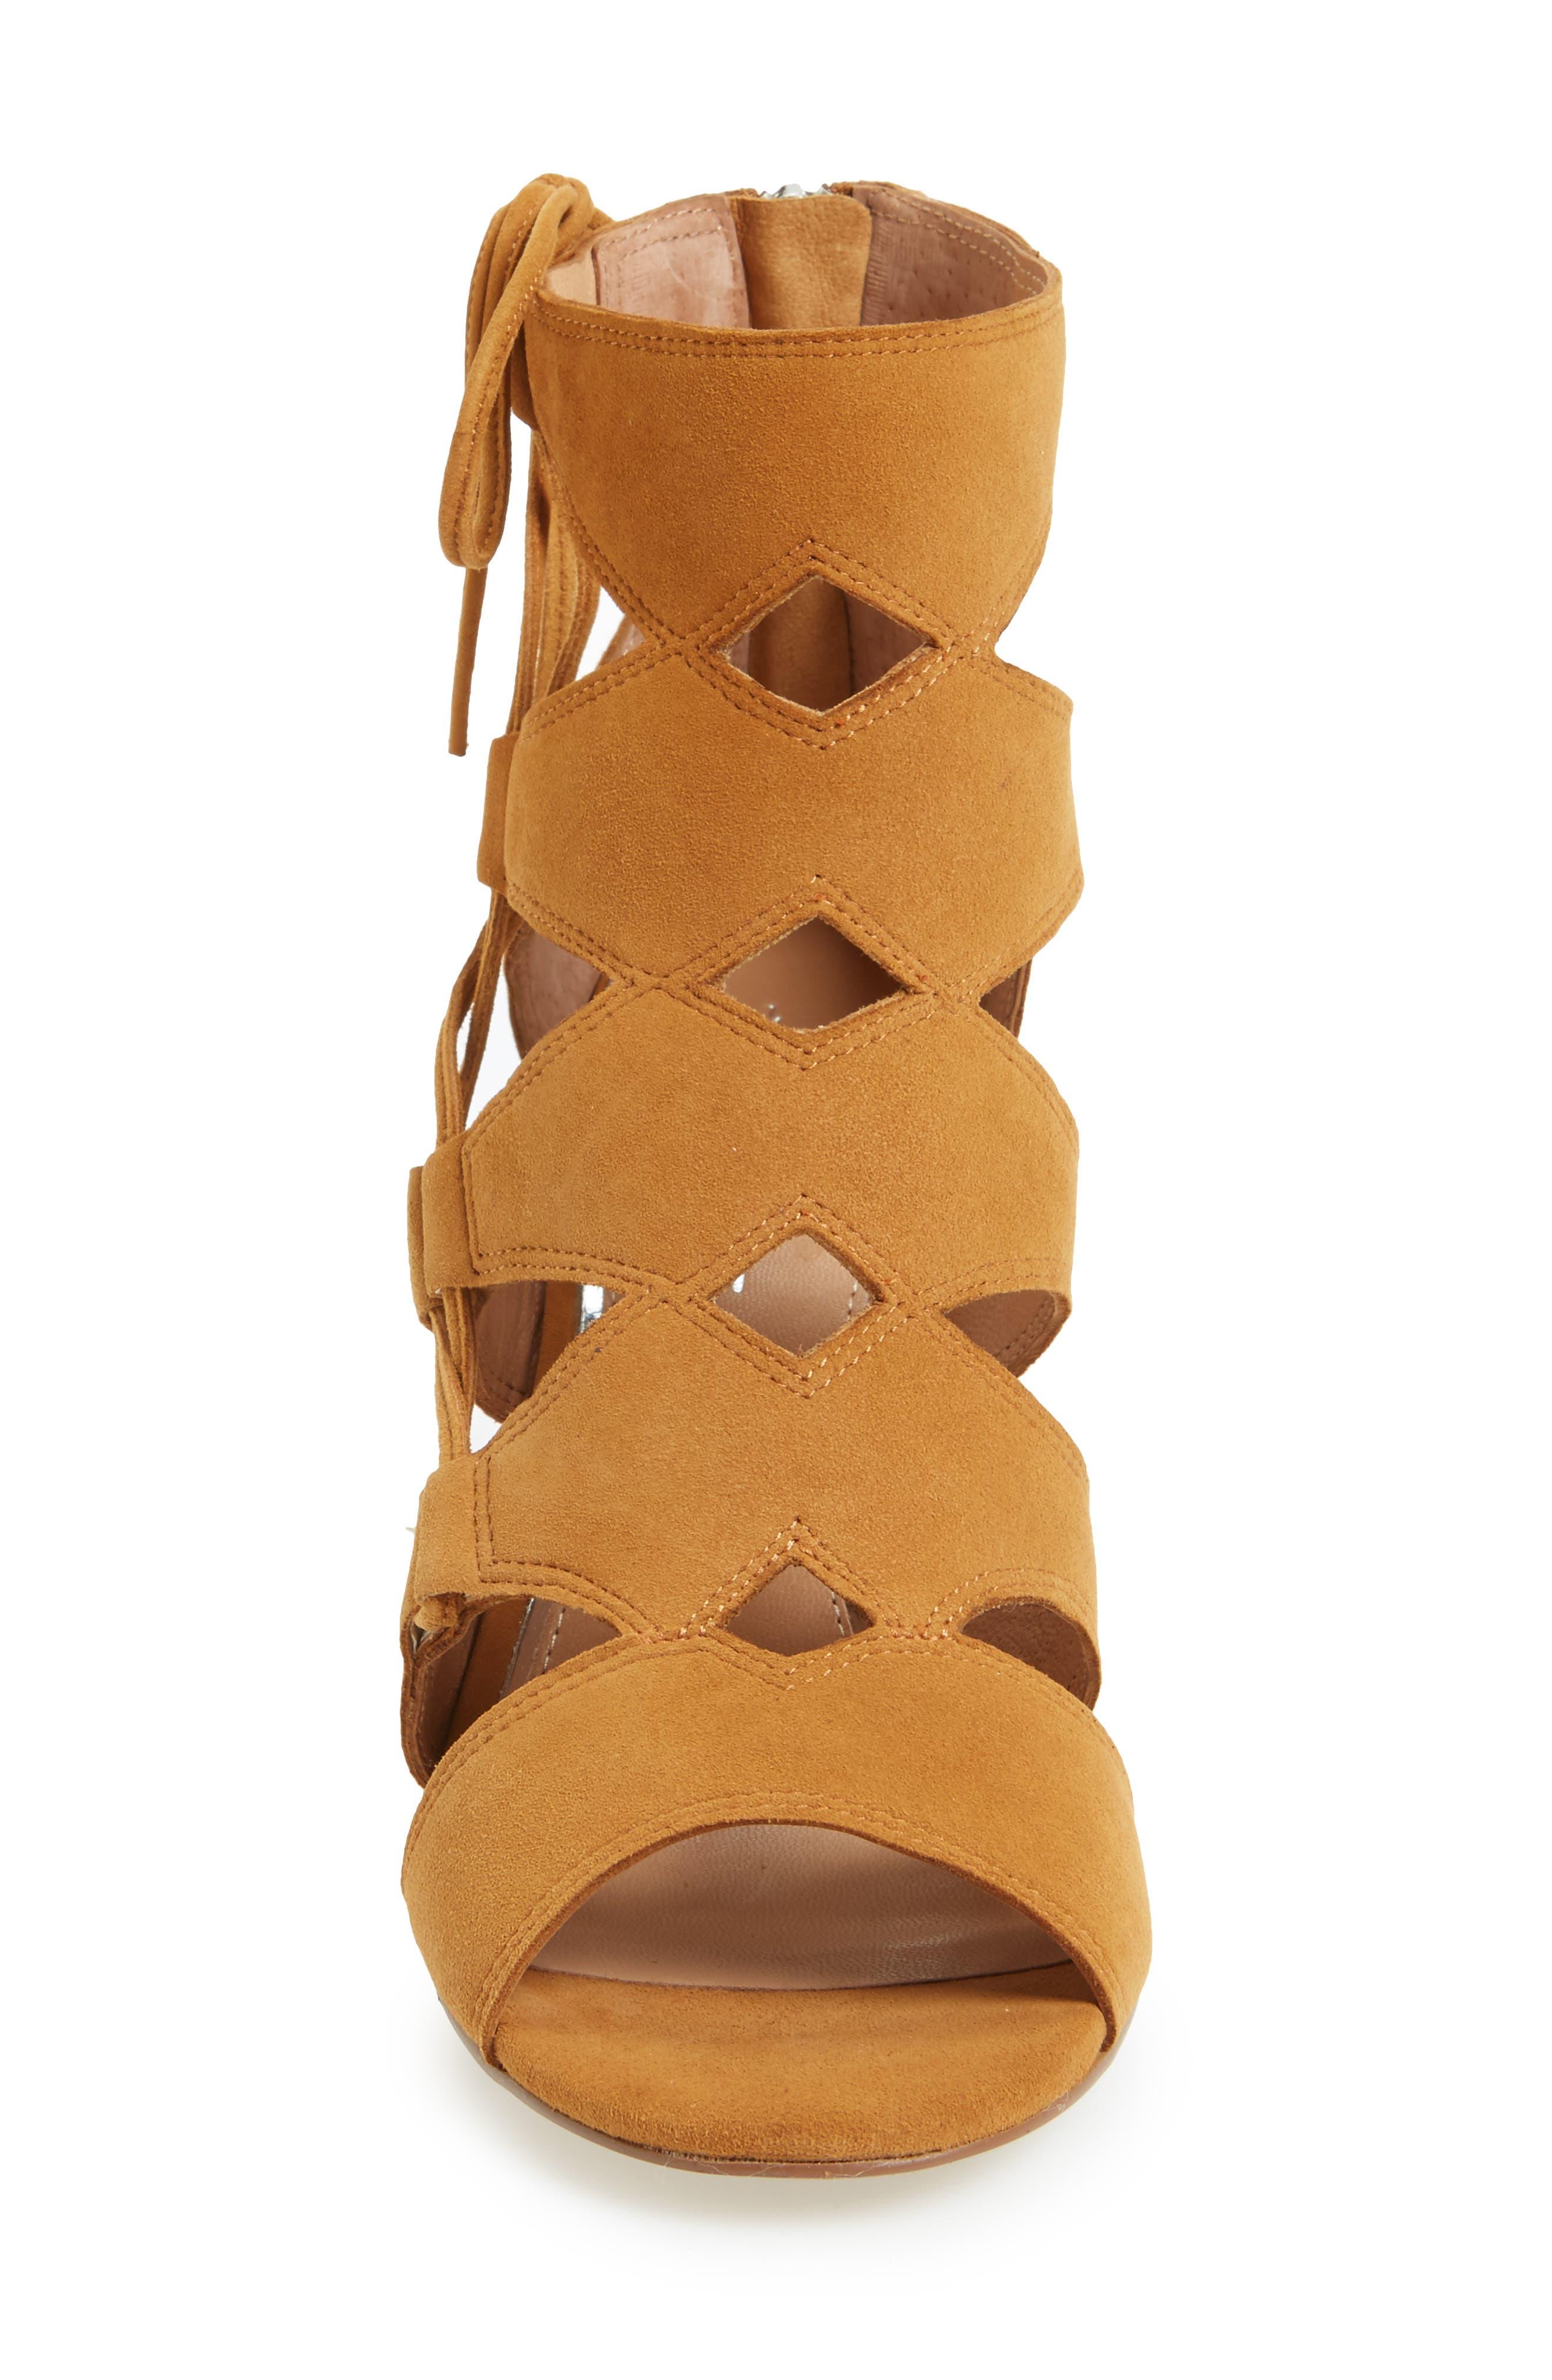 Hawley Cutout Sandal,                             Alternate thumbnail 3, color,                             Cognac Suede